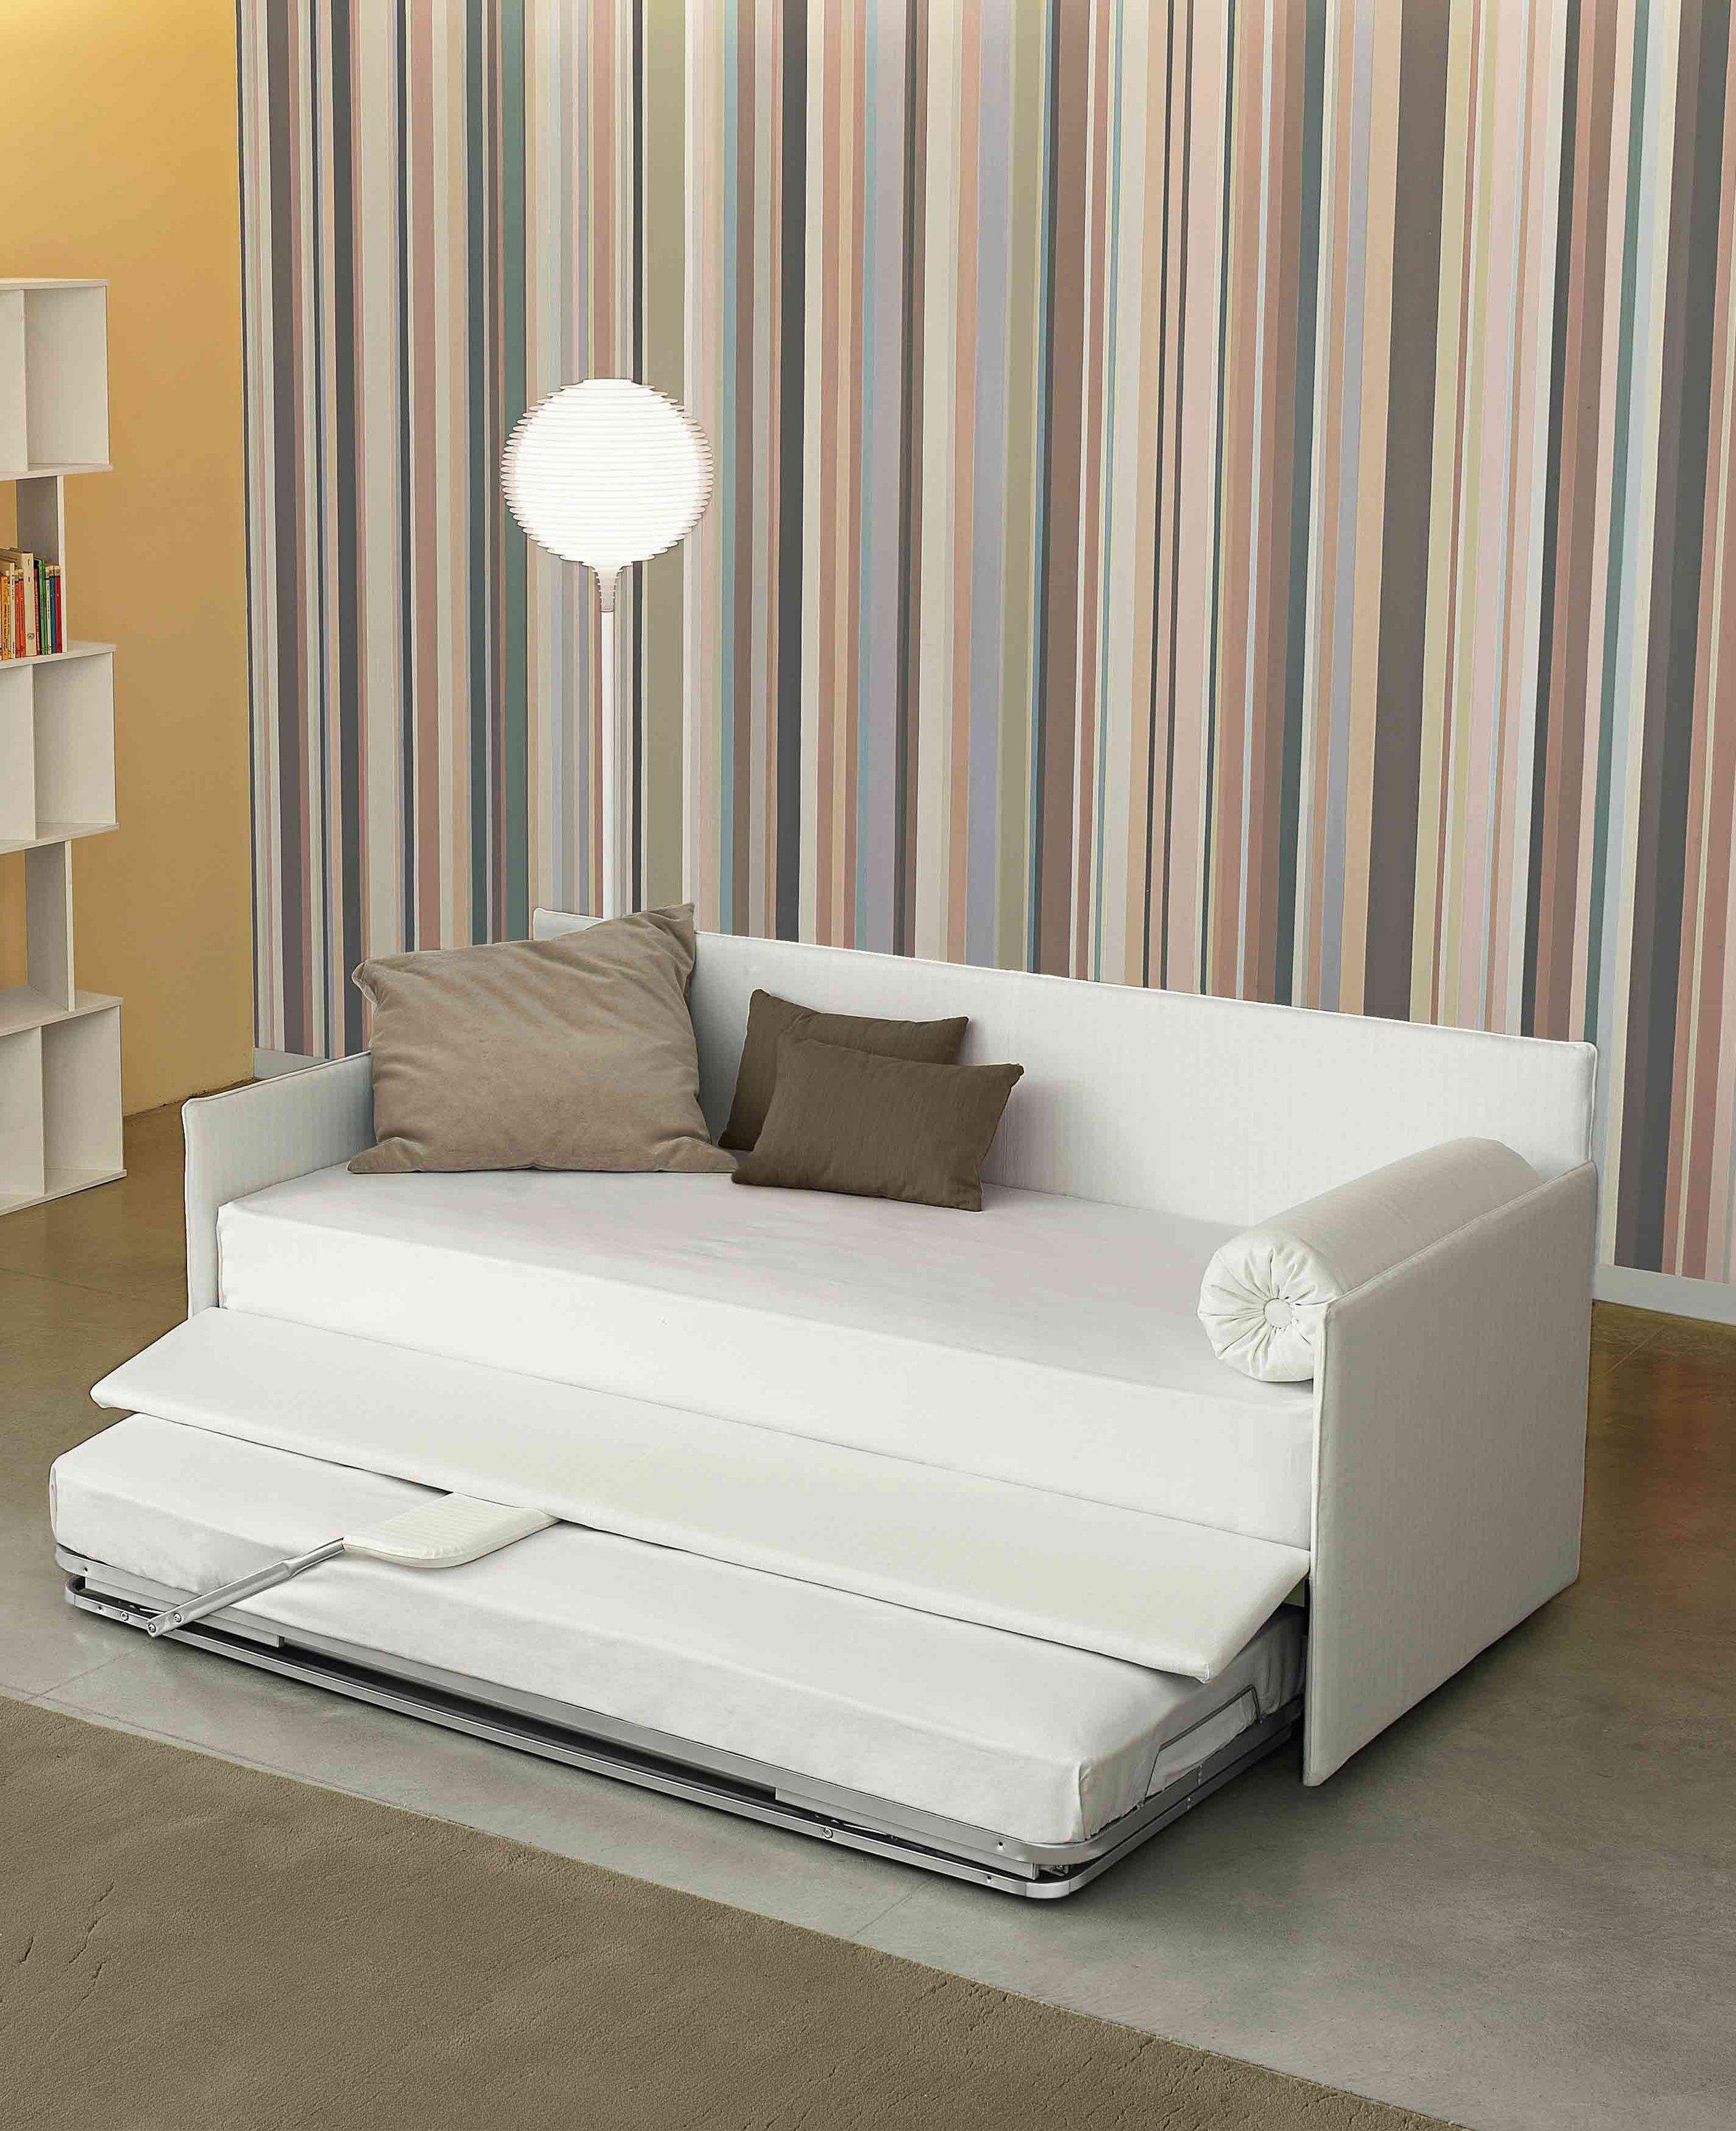 Einzelbett mit bettkasten  Gepolstertes Einzelbett mit Bettkasten CENTOUNO By Bonaldo